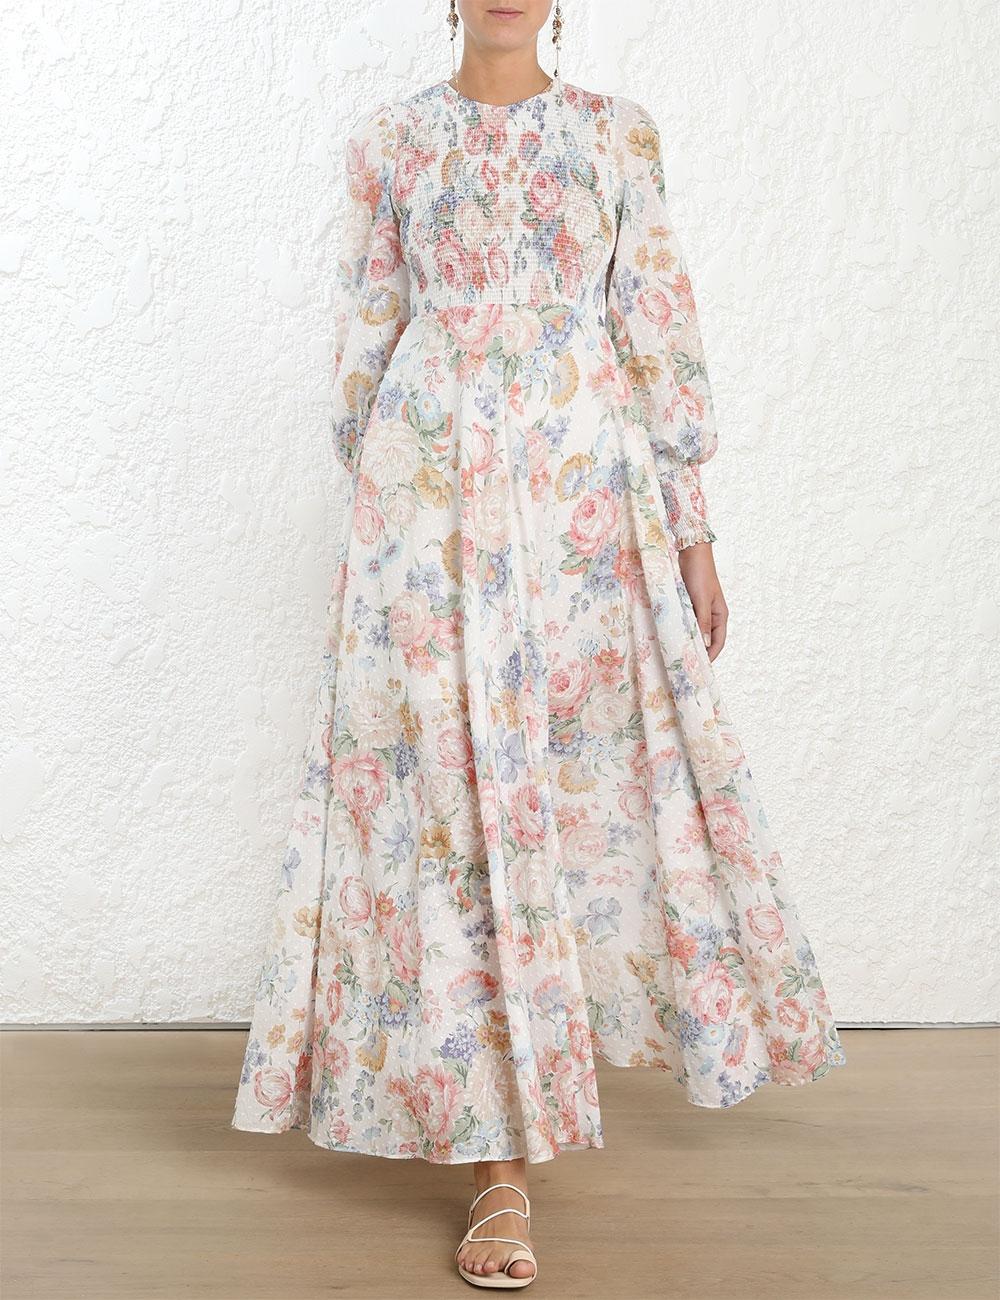 Bowie Shirred Bodice Dress